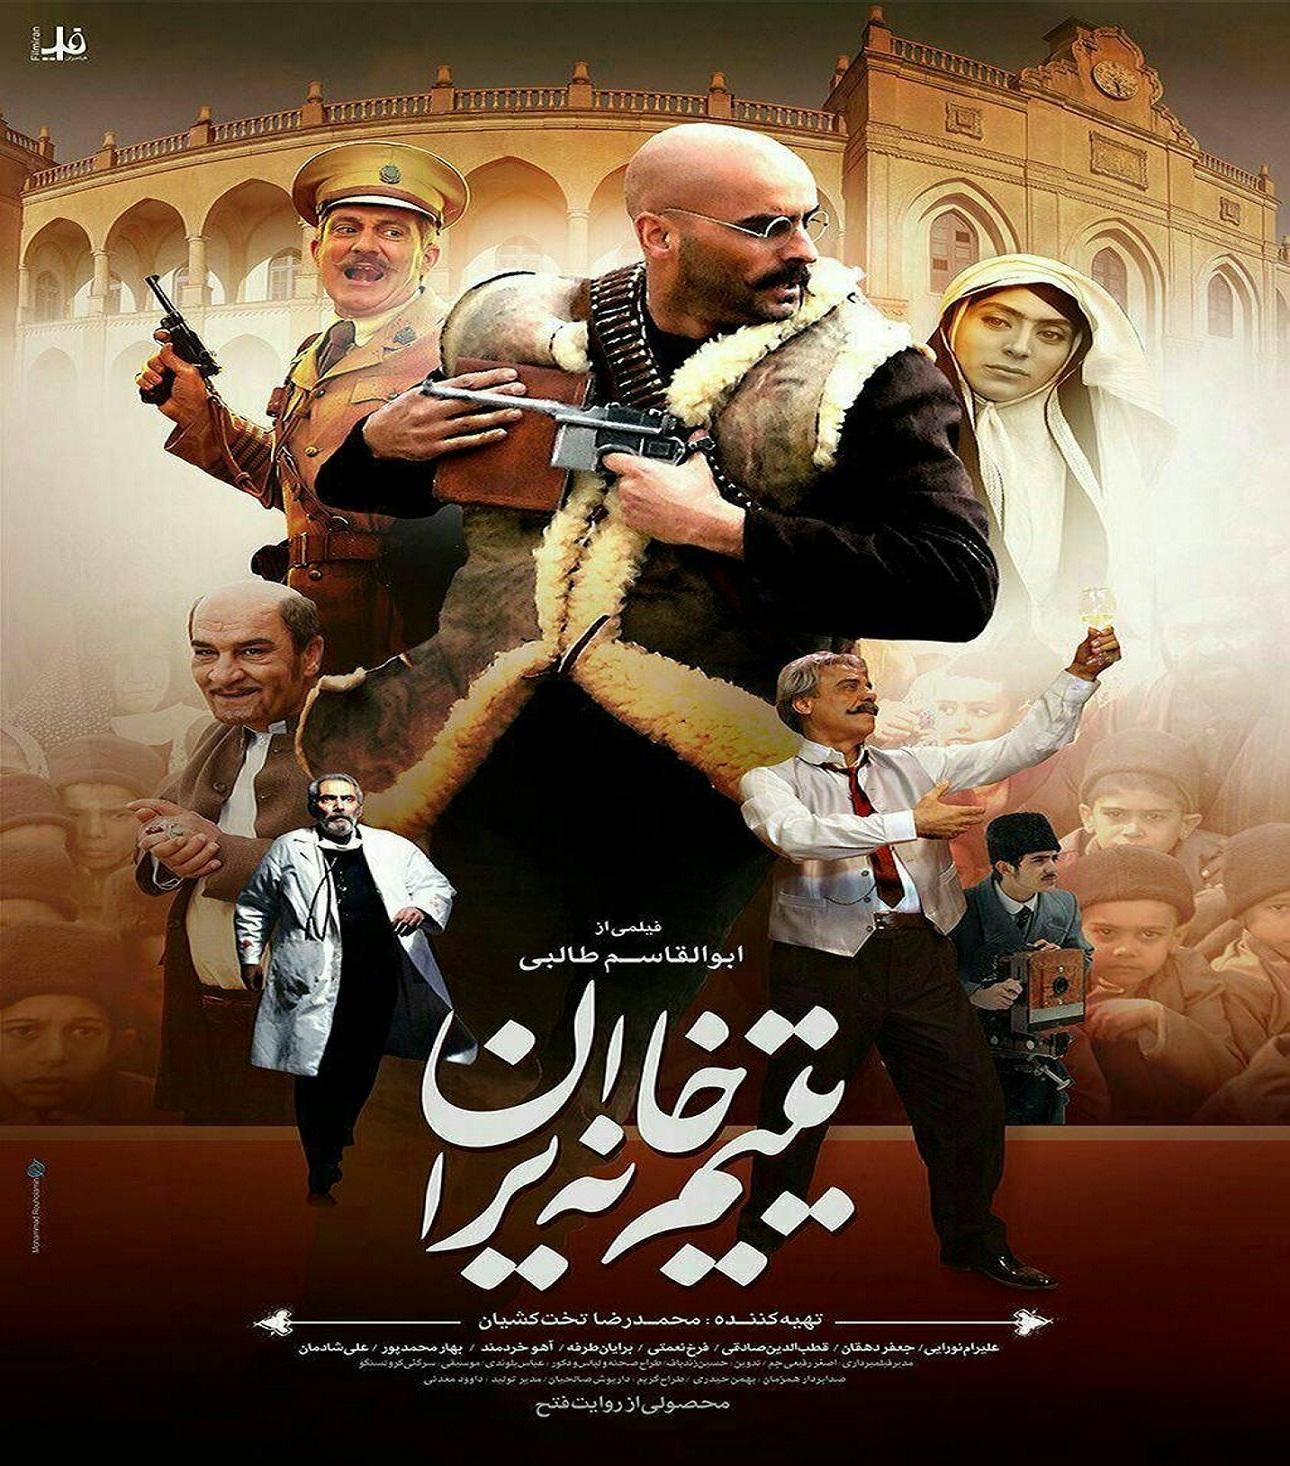 دانلود رایگان فیلم ایرانی یتیم خانه ایران با کیفیت عالی و لینک مستقیم